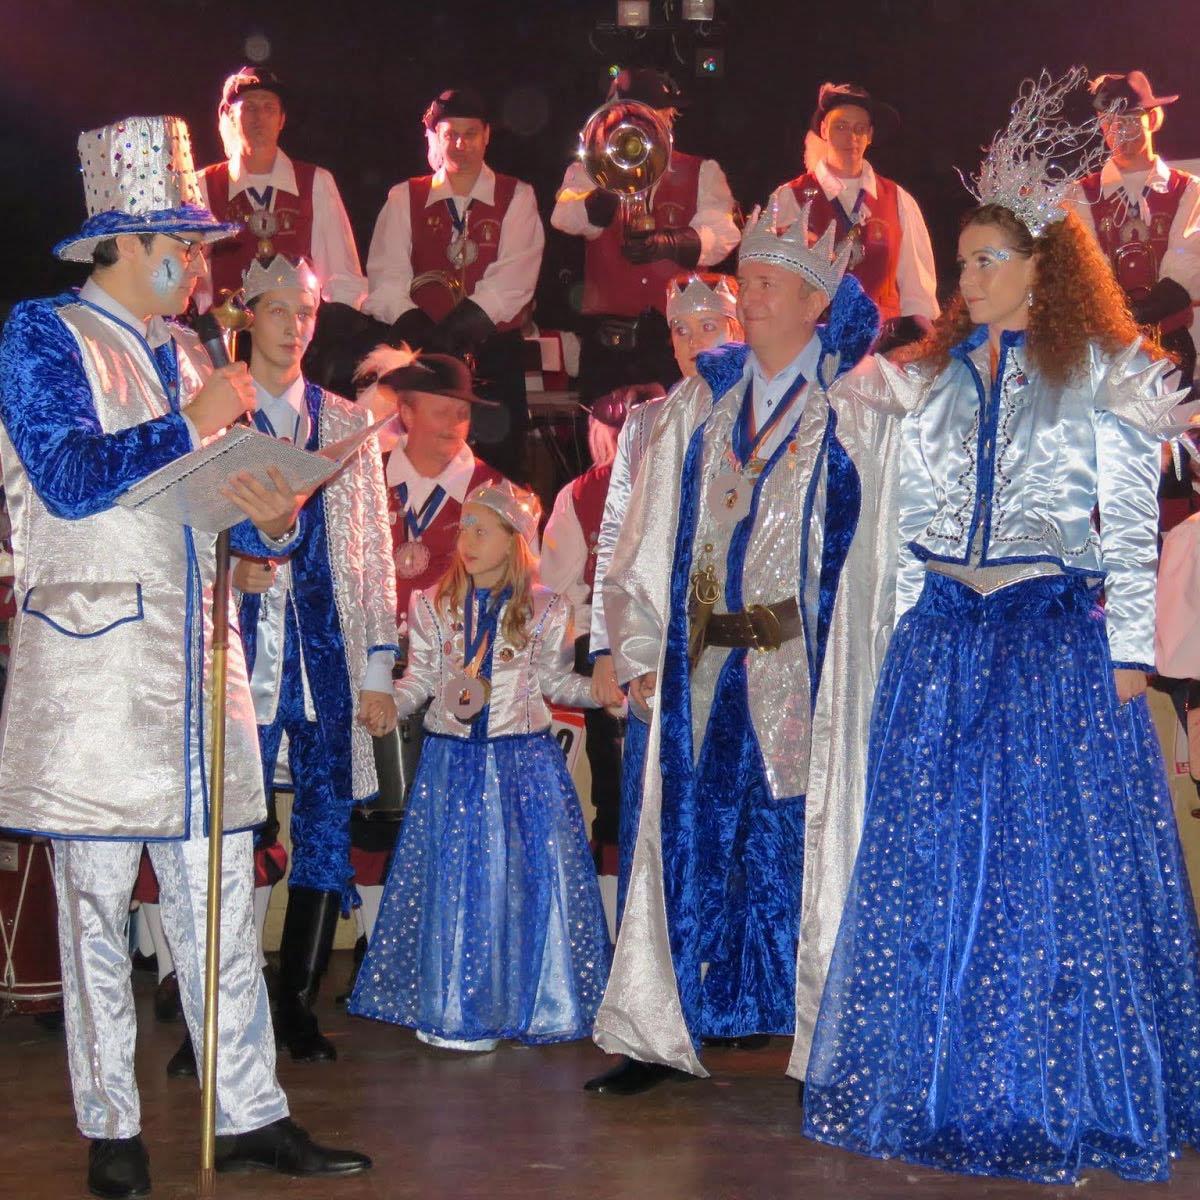 Das Bregenzer Prinzenpaar beim Besuch am Fluhar Ball im Schindlersaal.